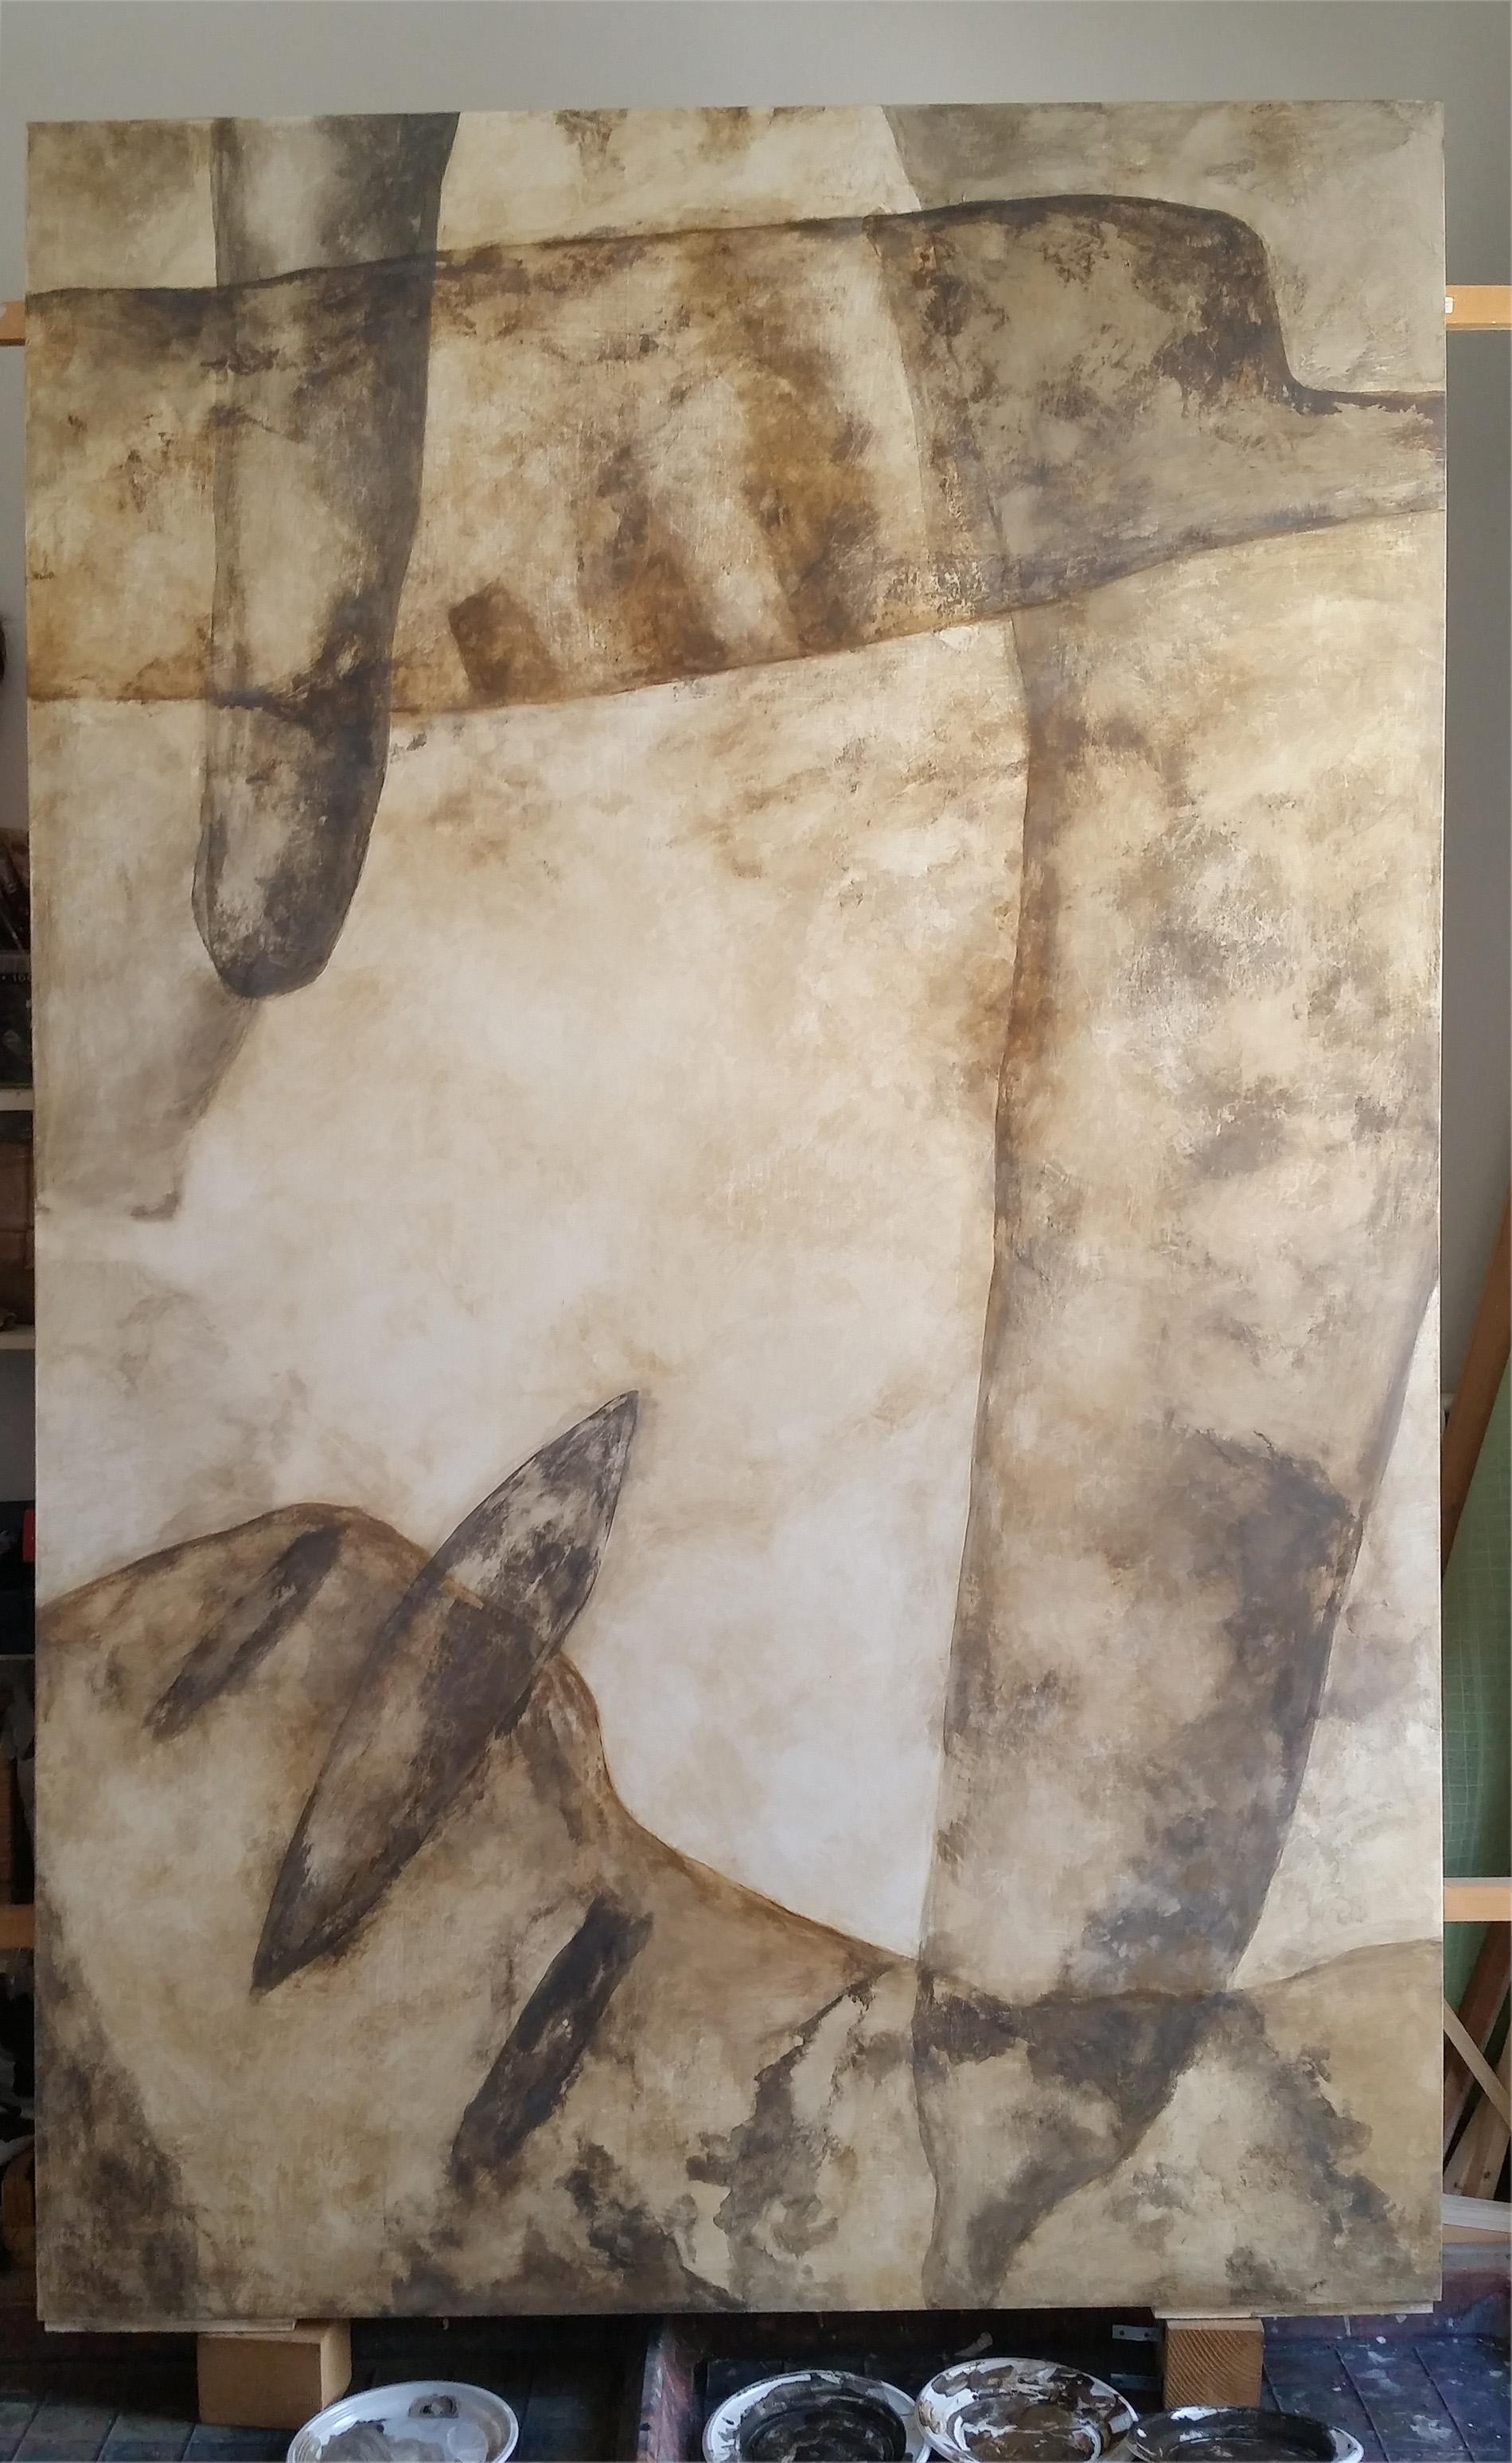 Quadro Bifacciale Gray and Brown 2018 Colleione privata Tecnica mista. Colorazione con pigmenti. Cm 200x 240